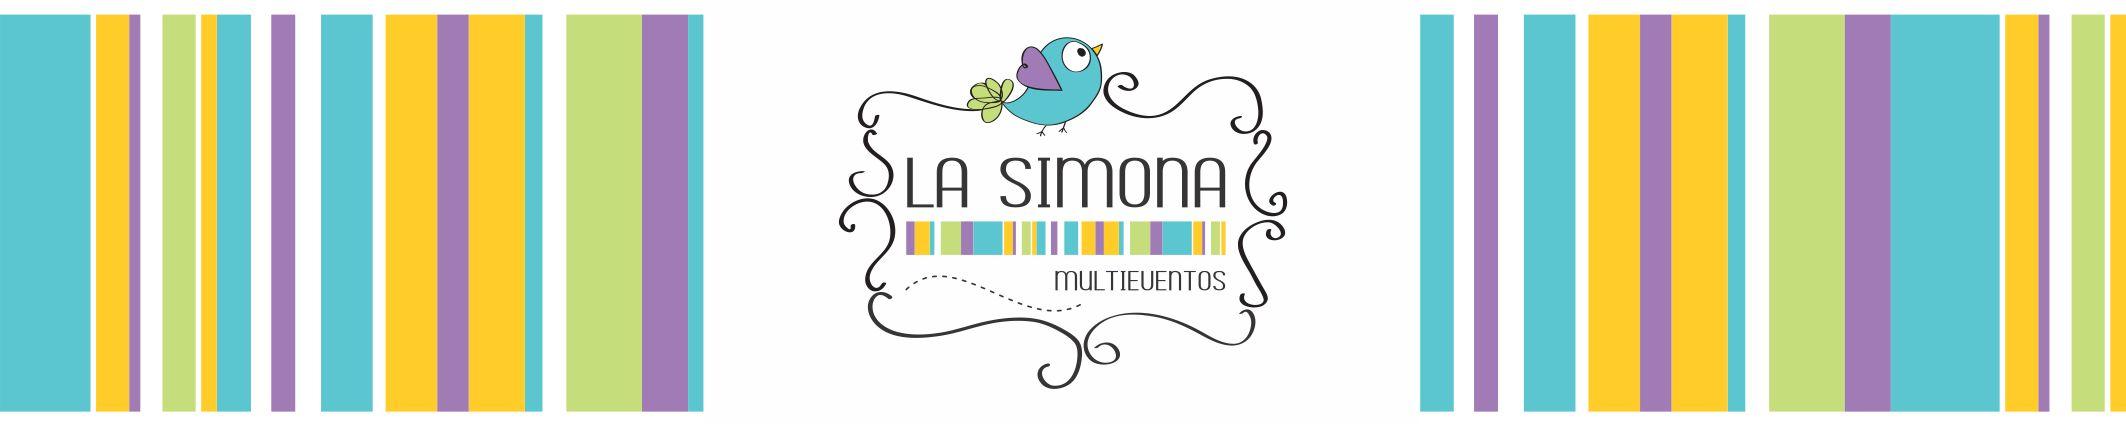 Logotipo La Simona Multieventos